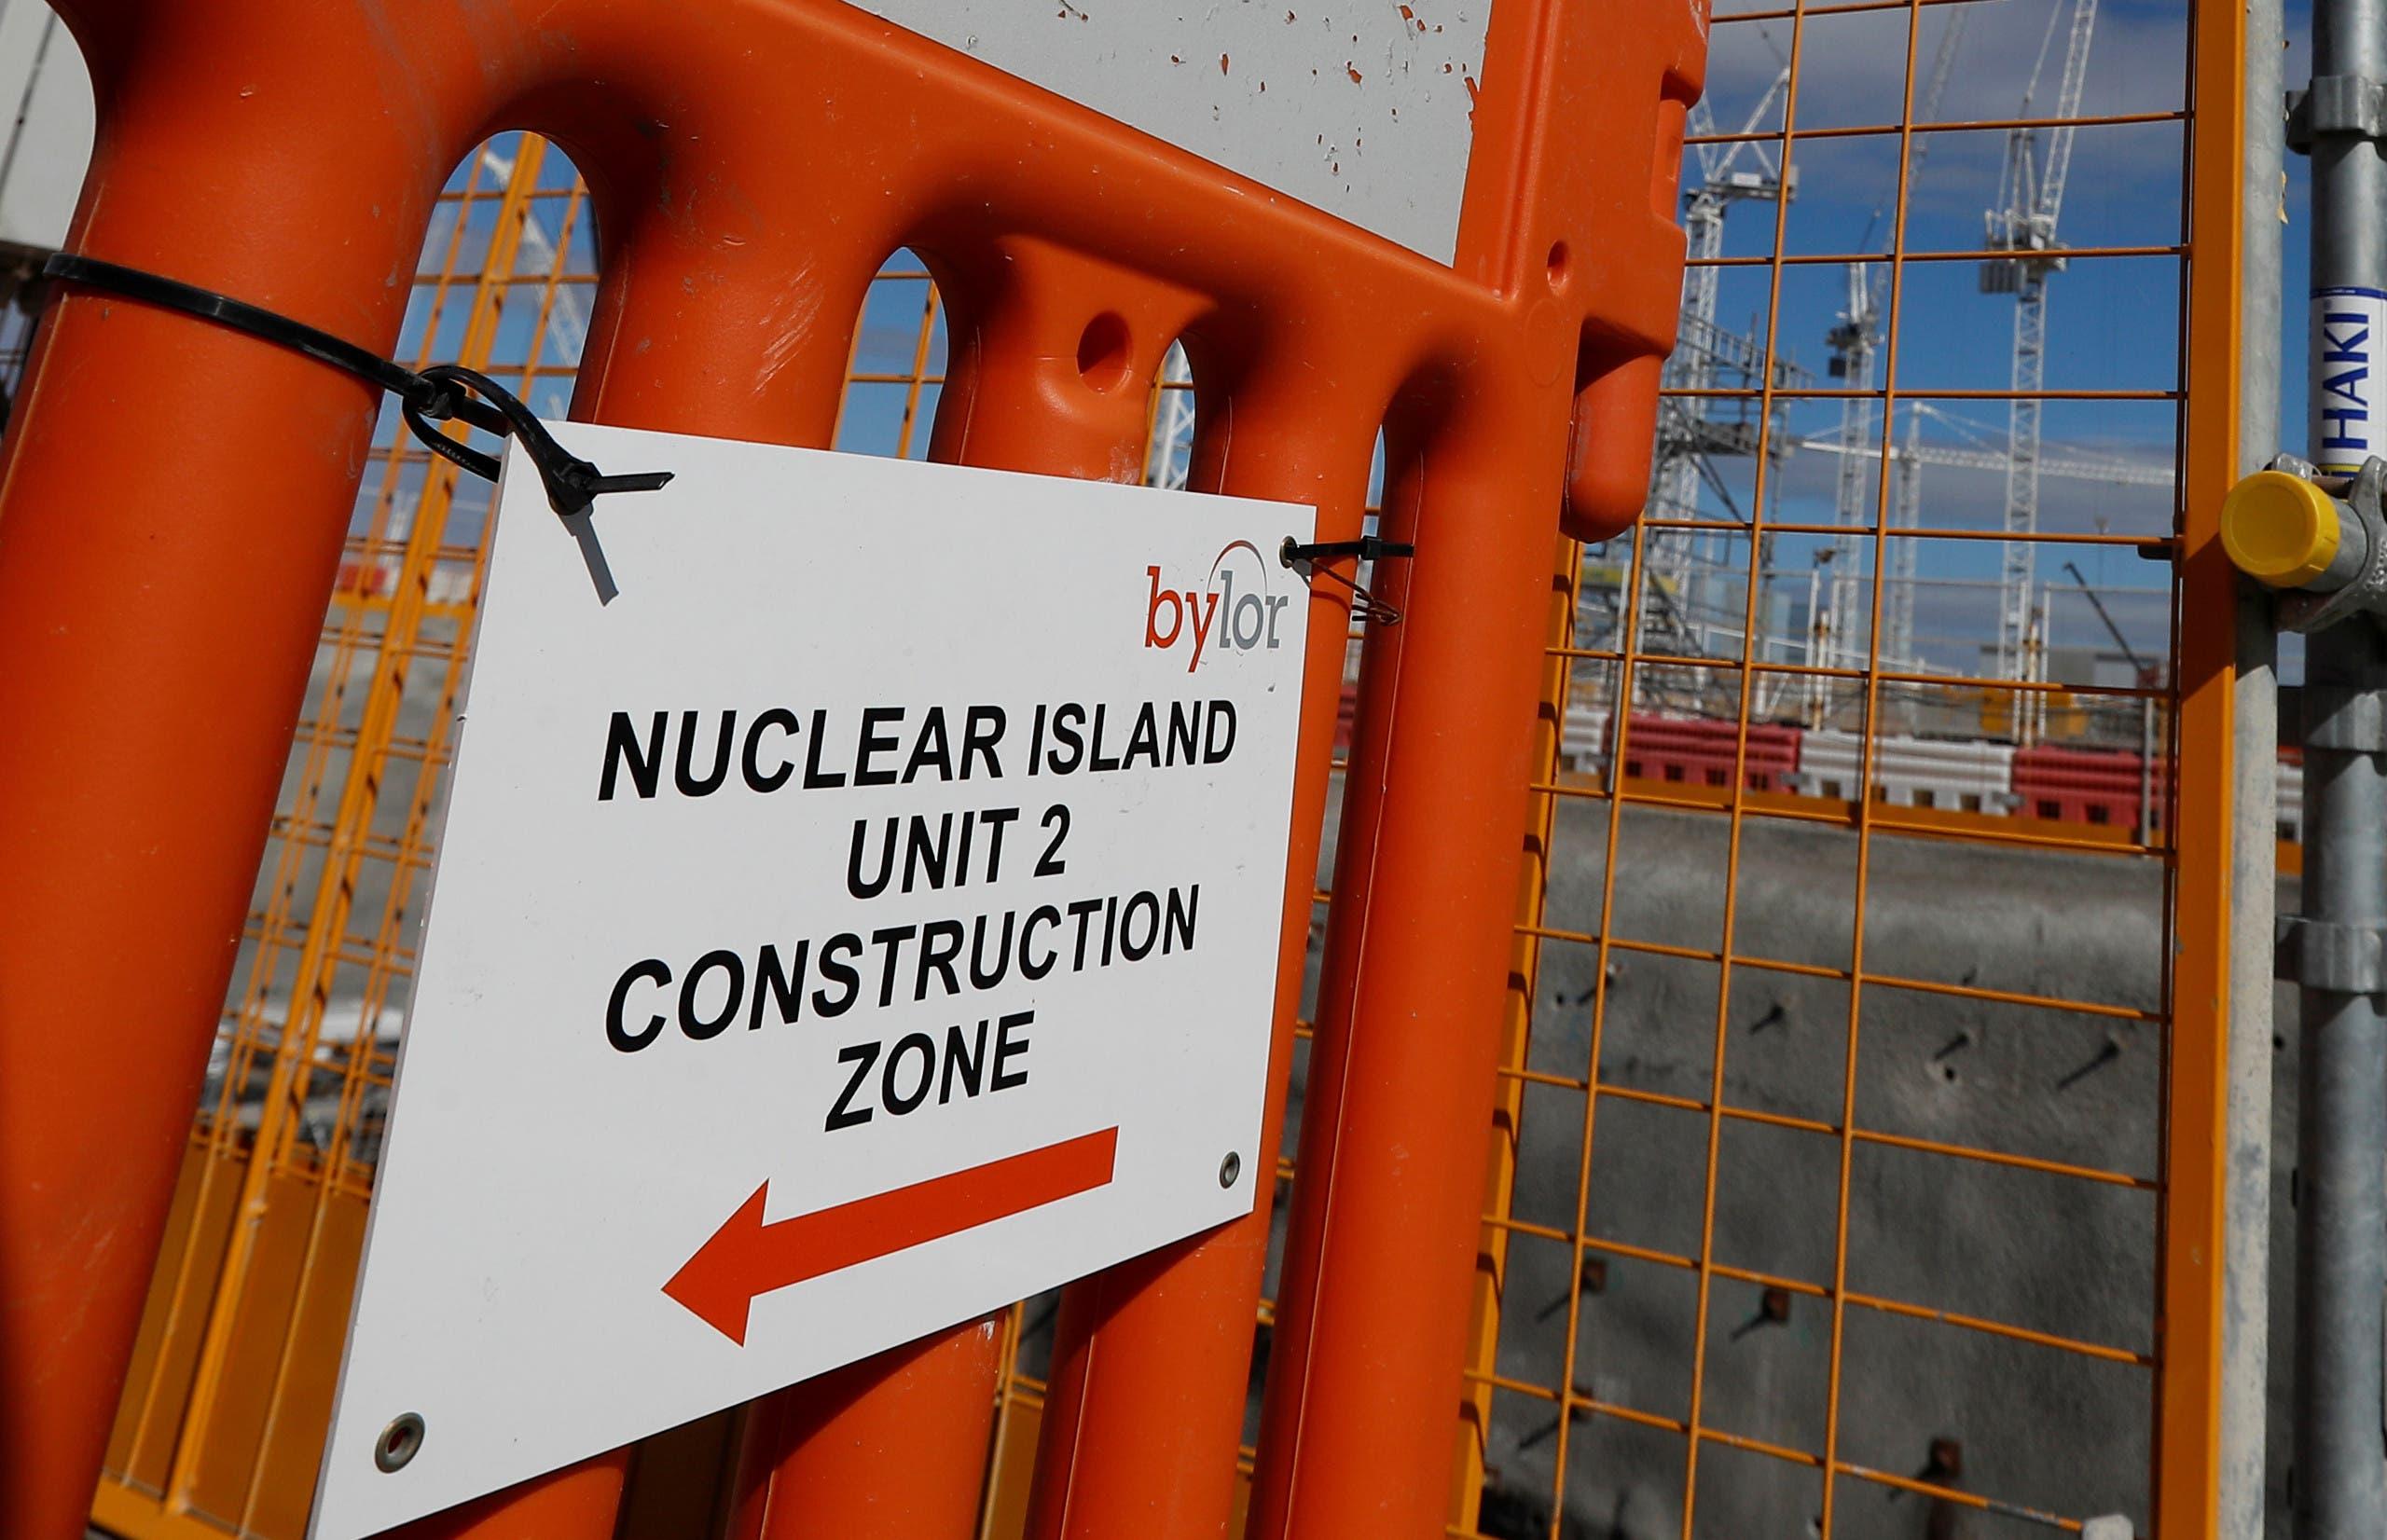 برطانیہ میں جوہری ری ایکٹر عمارت